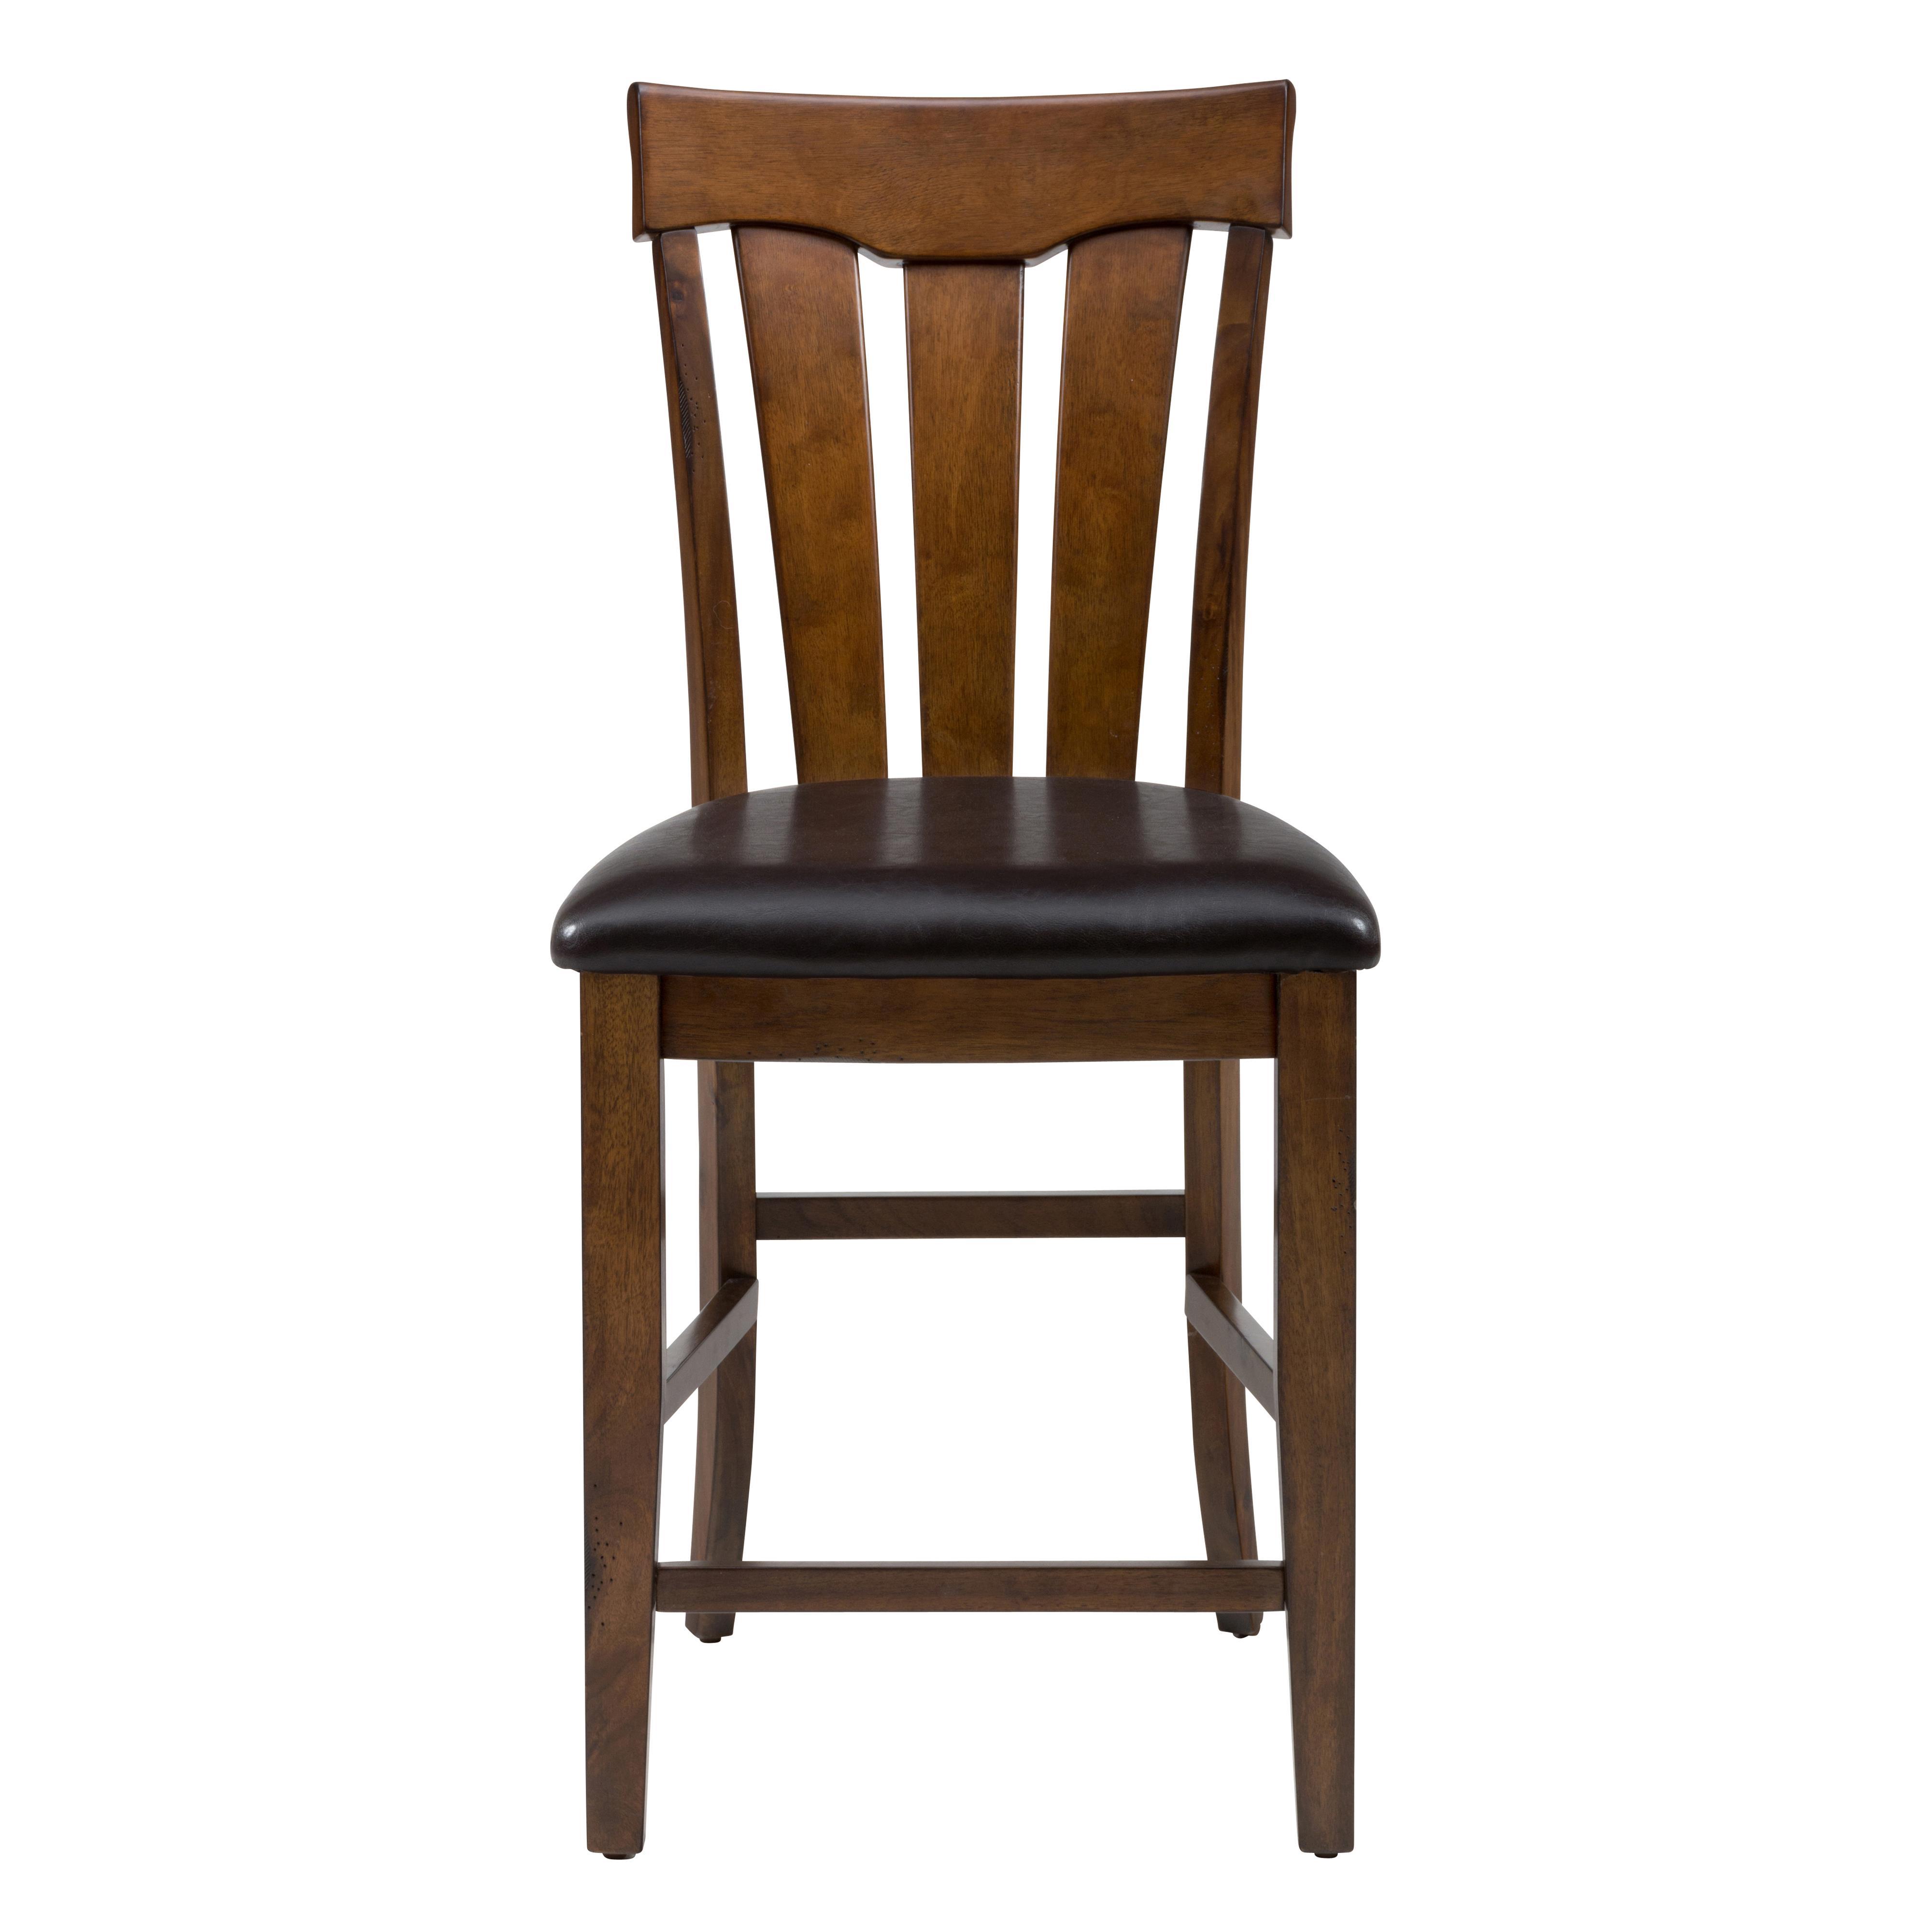 Jofran Plantation Slat Back Stool with Upholstered Seat - Item Number: 505-BS423KD